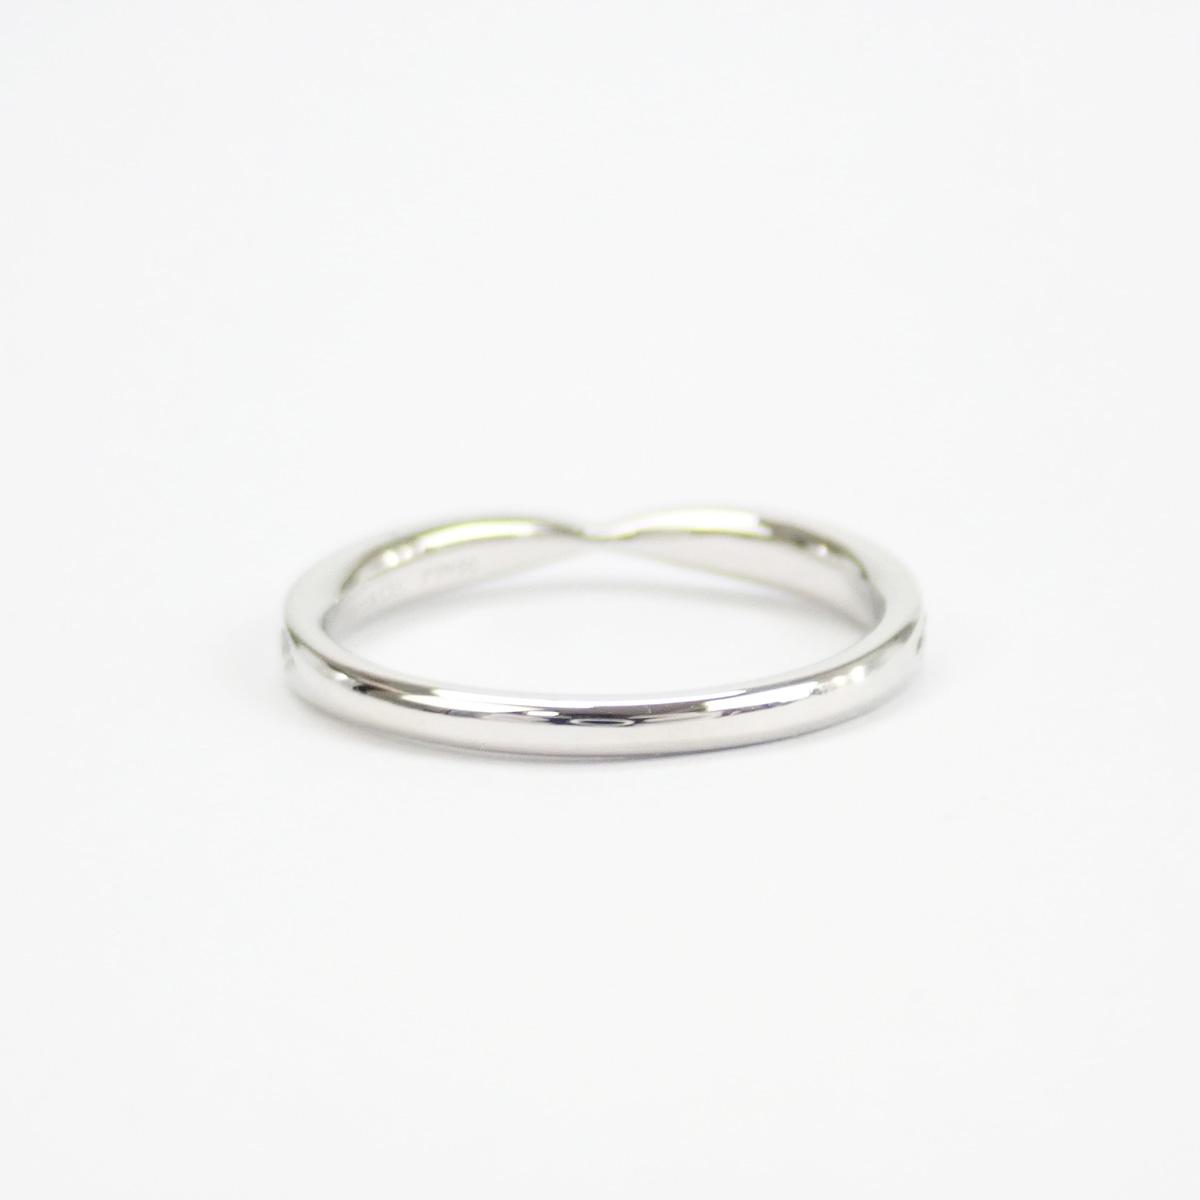 【辛口評価】【Aランク】Tiffany&Co. ティファニー Pt950 ハーモニー ビーズ セット ダイヤモンド リング D0.25ct ゲージ棒約8号